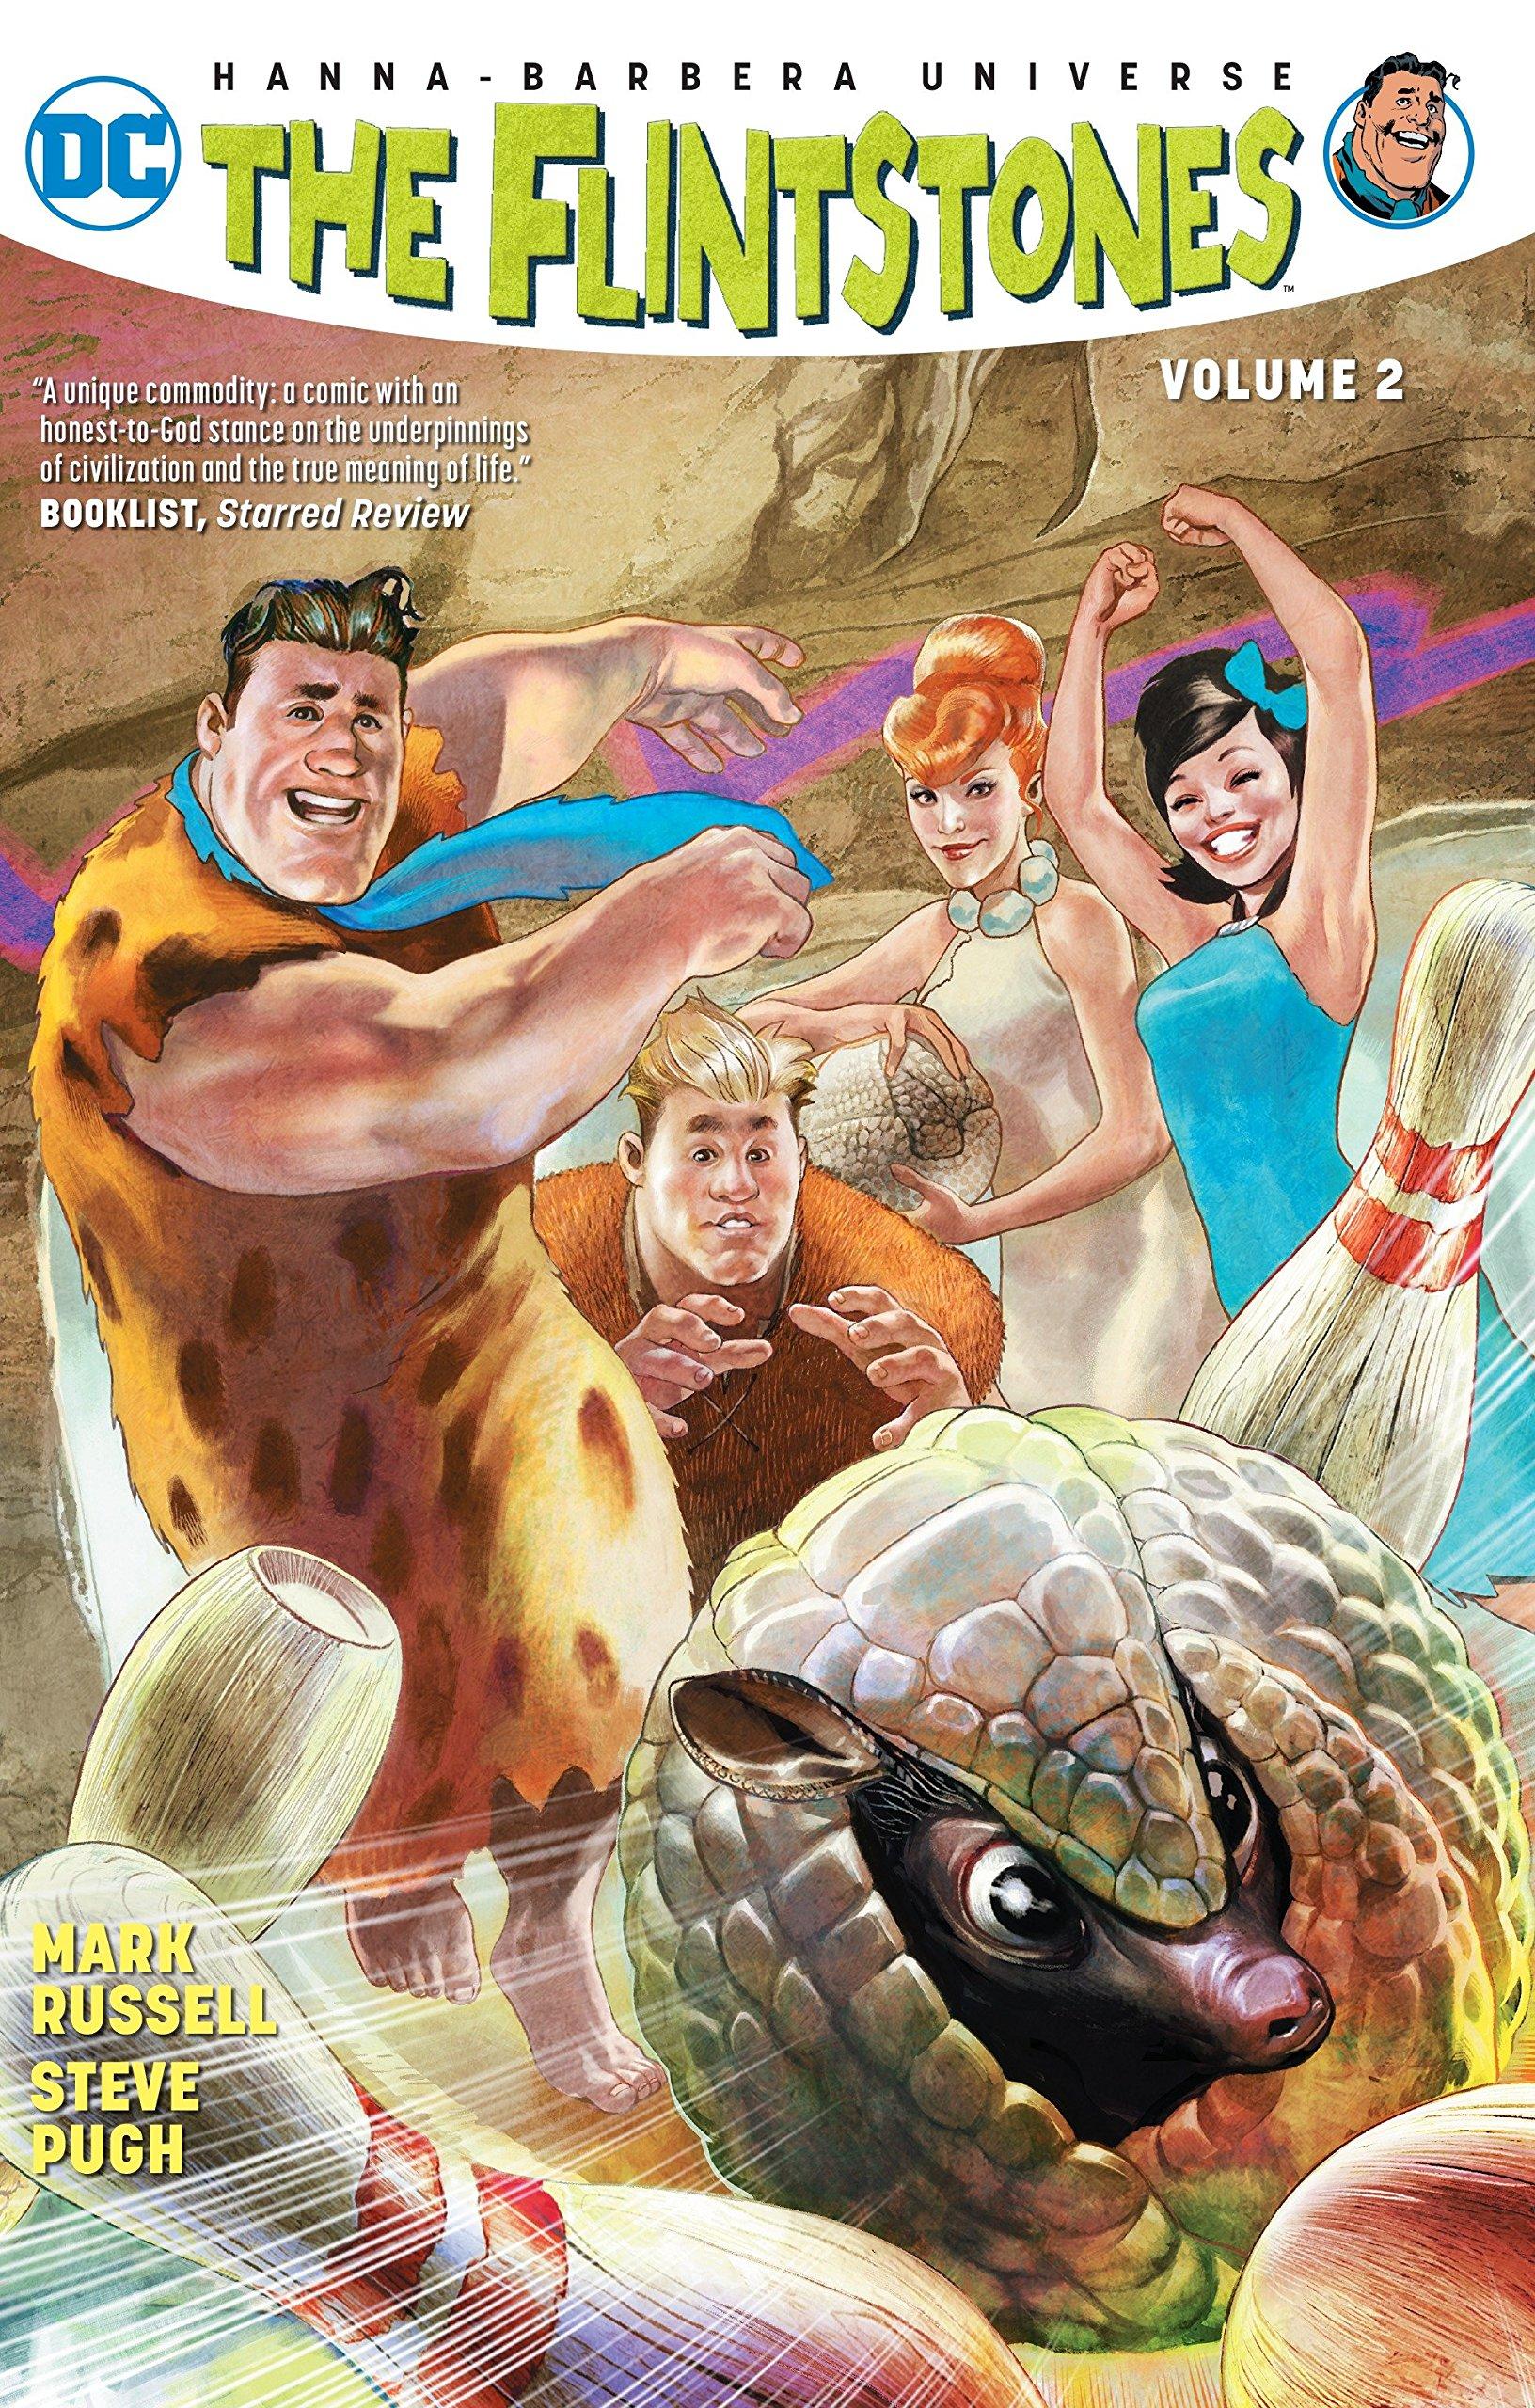 The Flintstones Vol. 2: Bedrock Bedlam